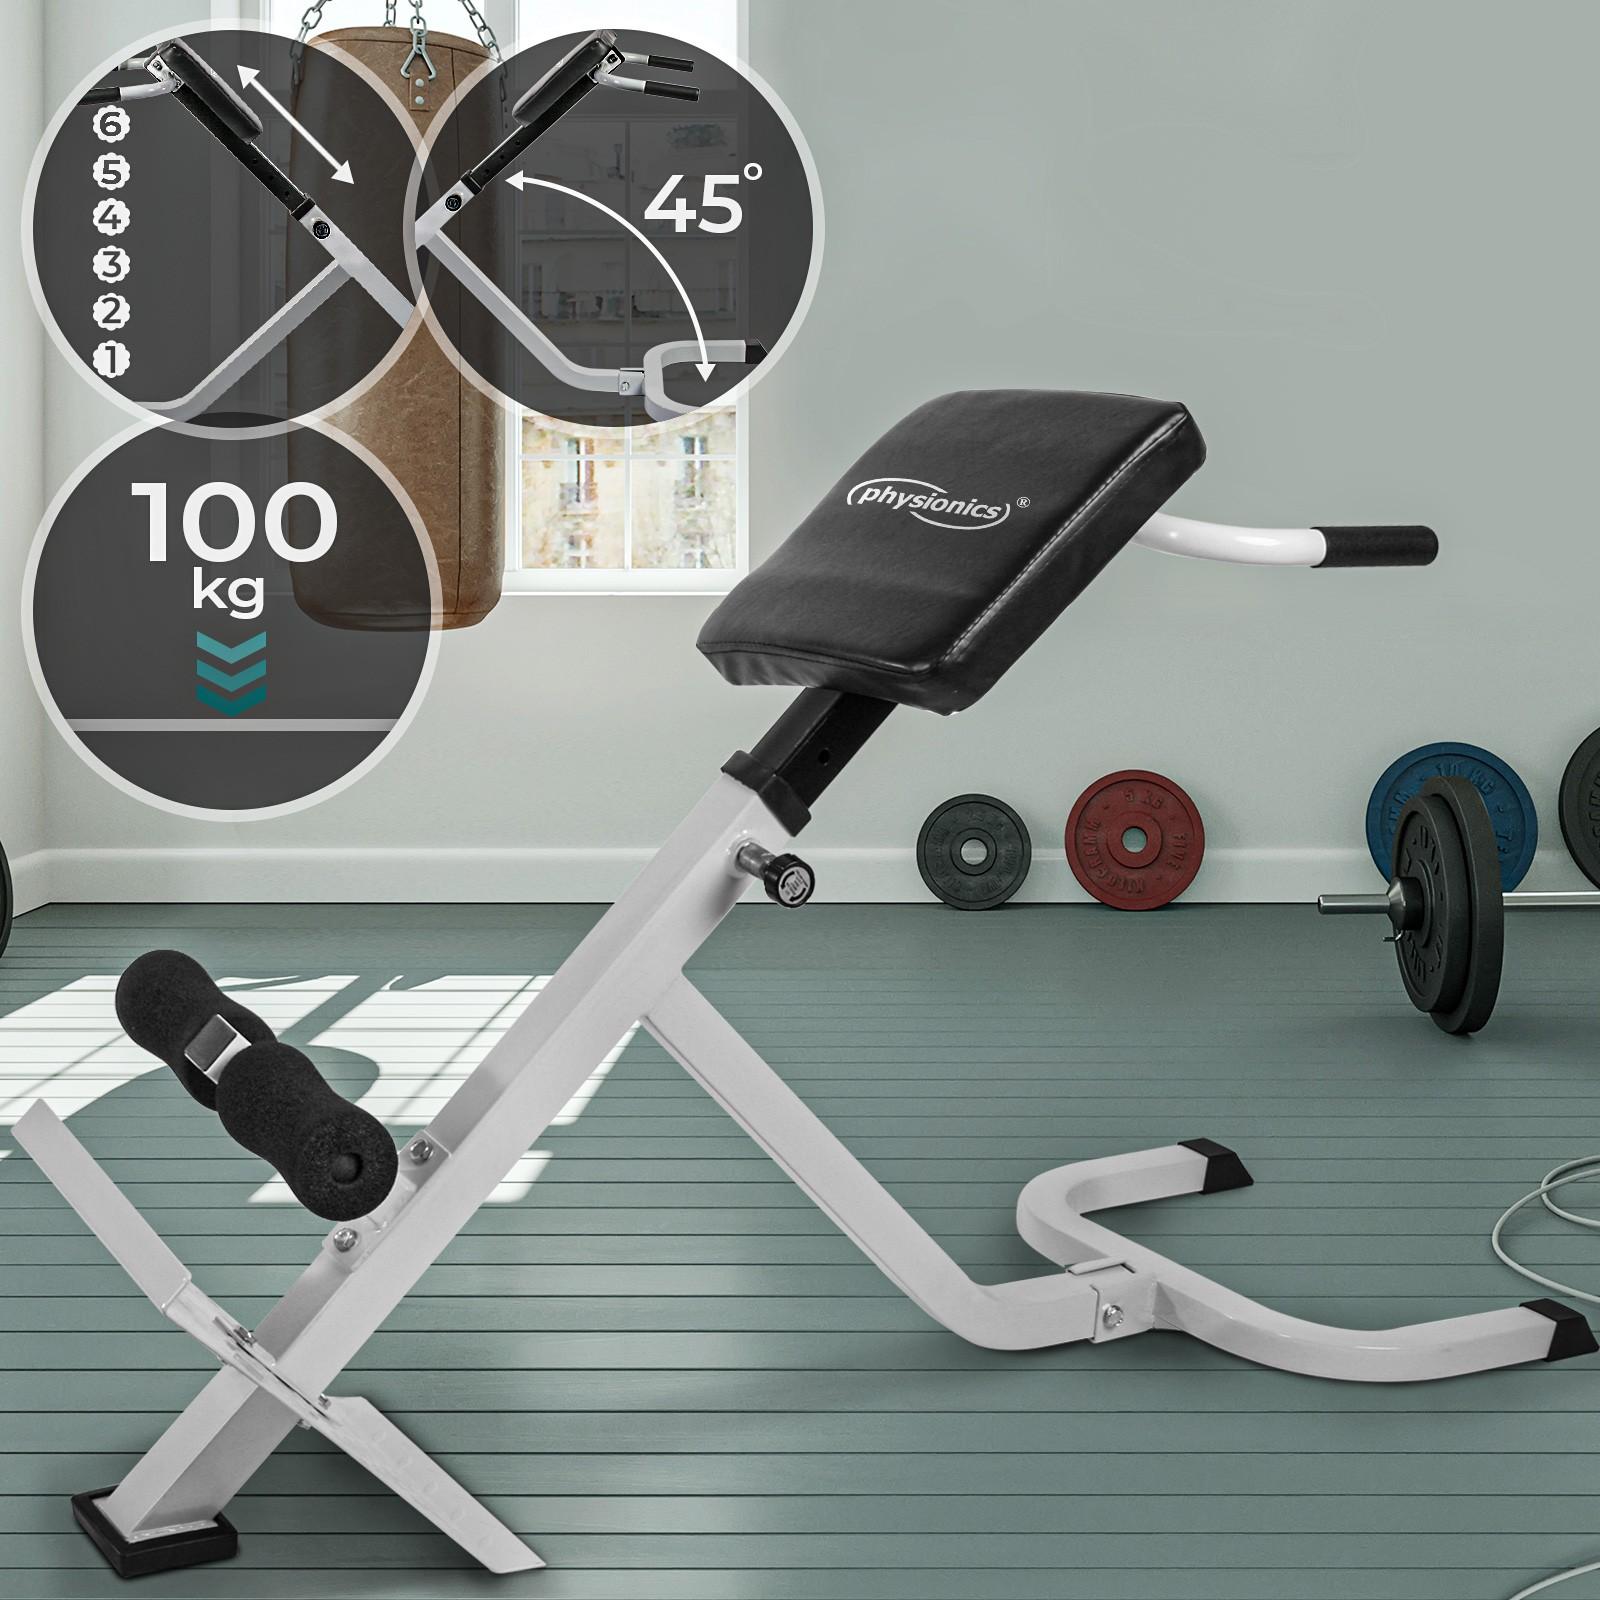 Physionics Appareil de Musculation du Dos et des Abdominaux Hyper Extension Machine de Dos et Les Fessiers Banc Sit Up Pliable /& R/églable Cales Rembourr/ées pour Les Jambes